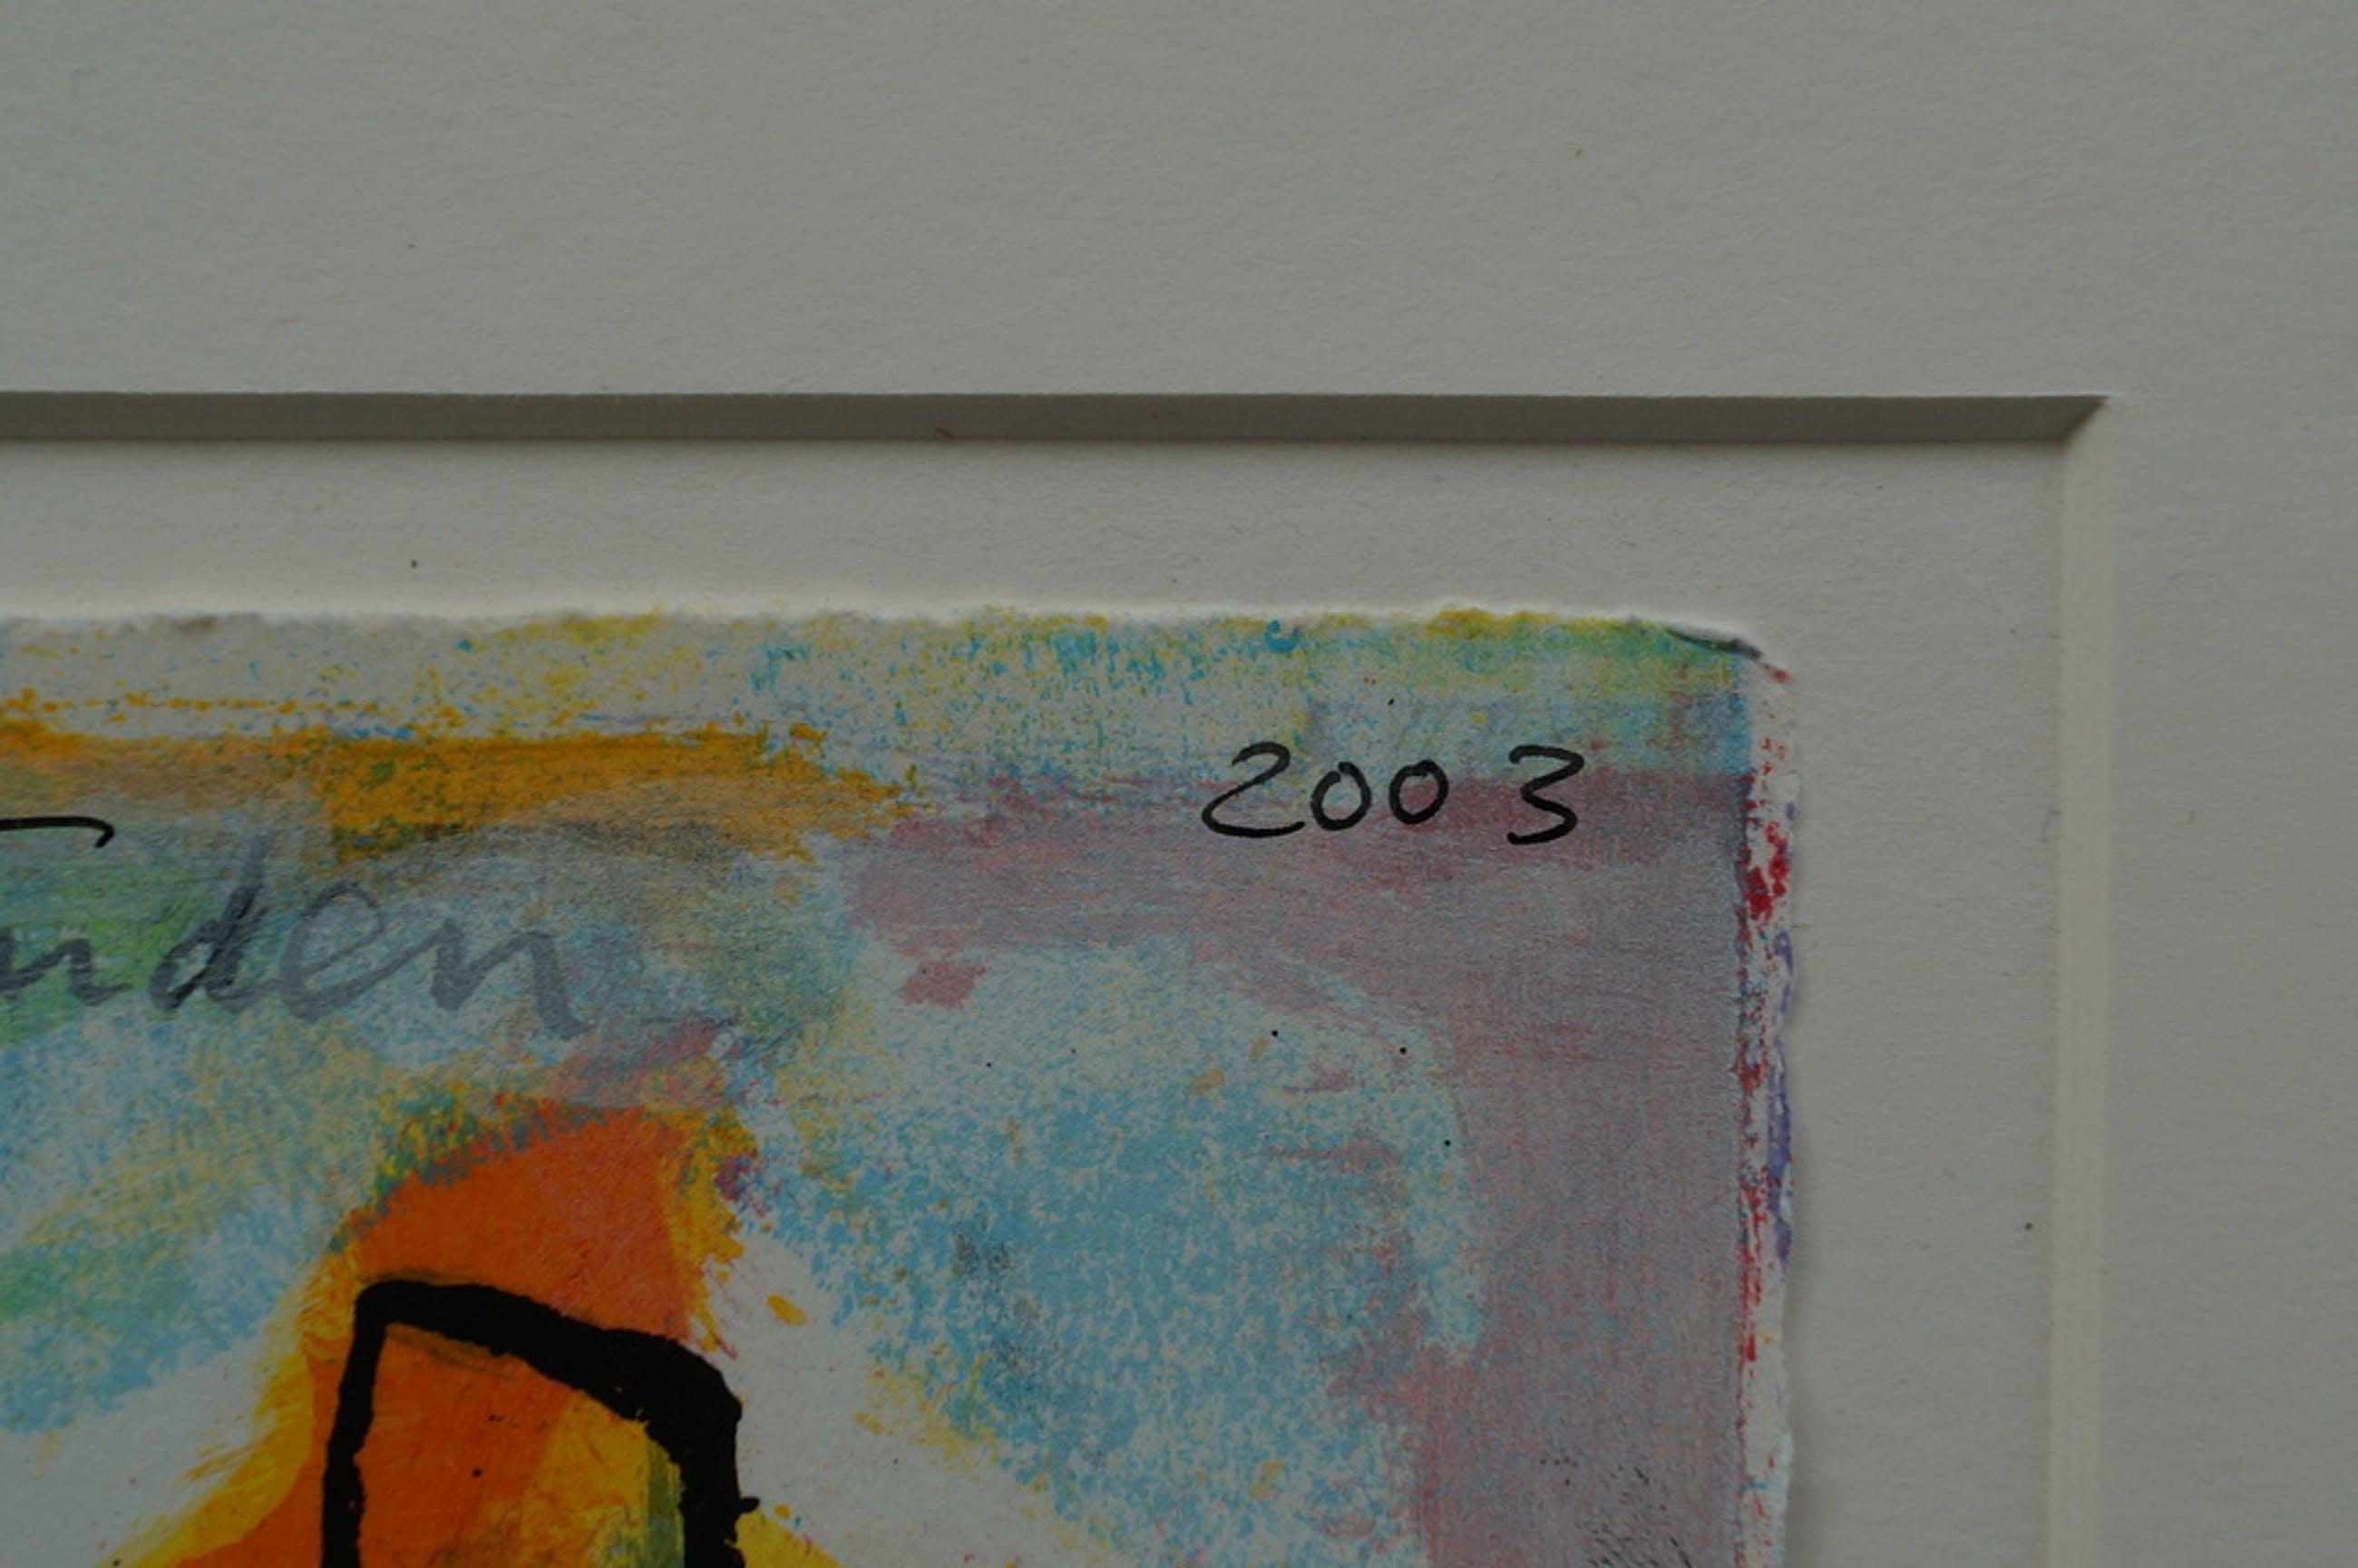 Marion Bloem - gesigneerde zeefdruk - 2003 kopen? Bied vanaf 20!